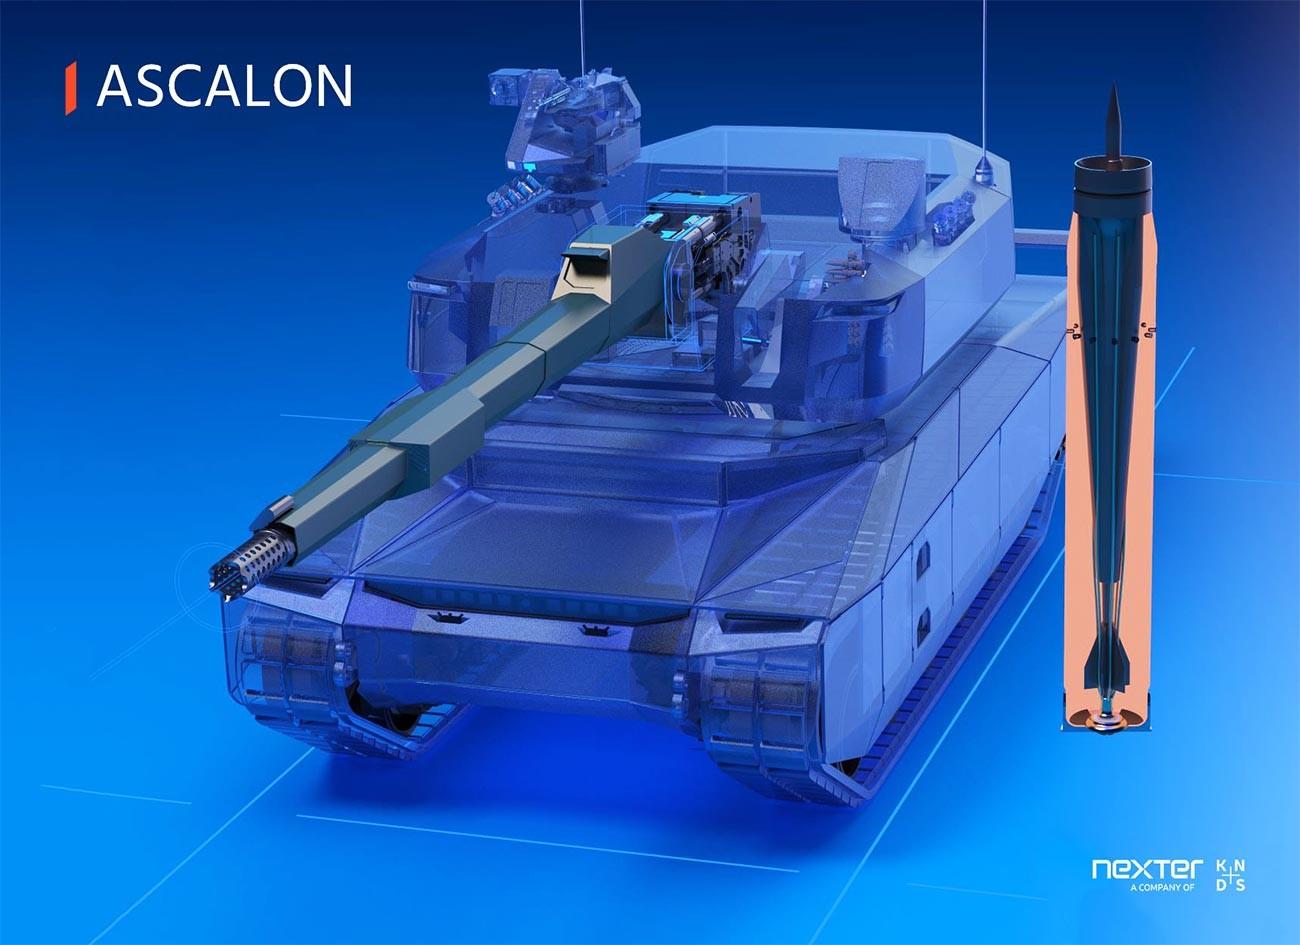 Могући изглед француског перспективног тенковског топа новог типа Nexter ASCALON